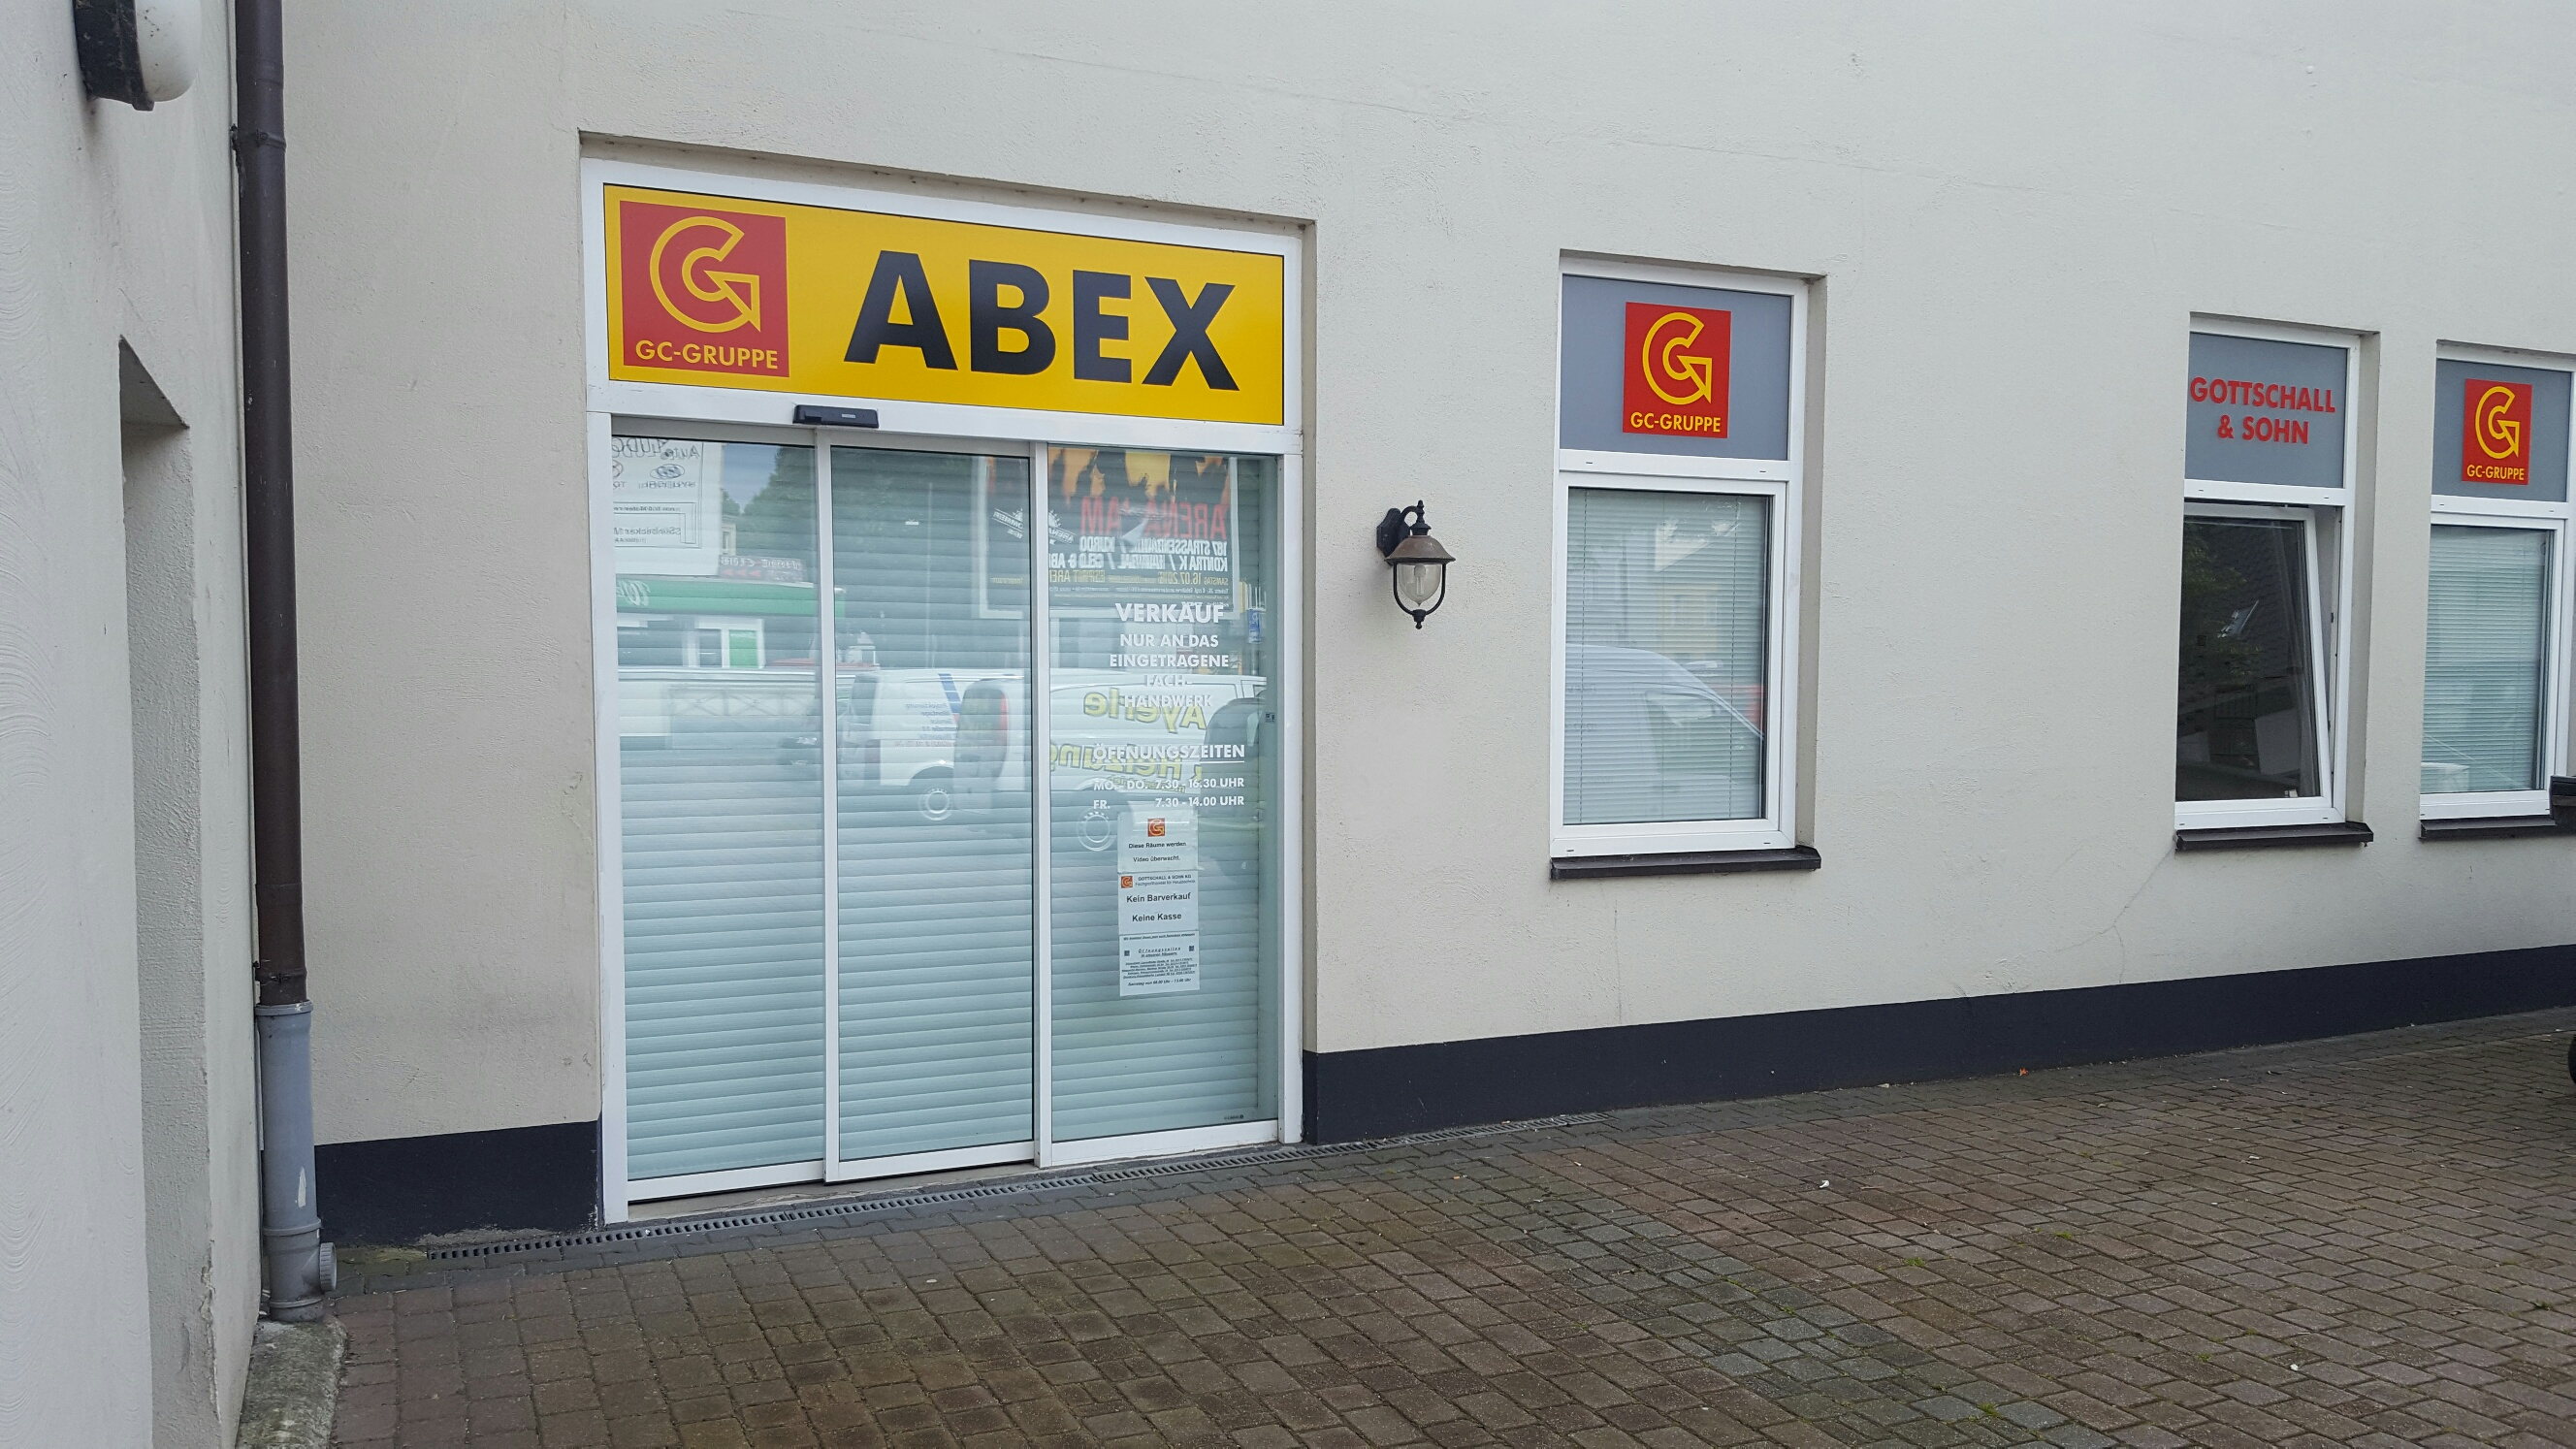 ABEX GOTTSCHALL & SOHN HAUSTECHNIK